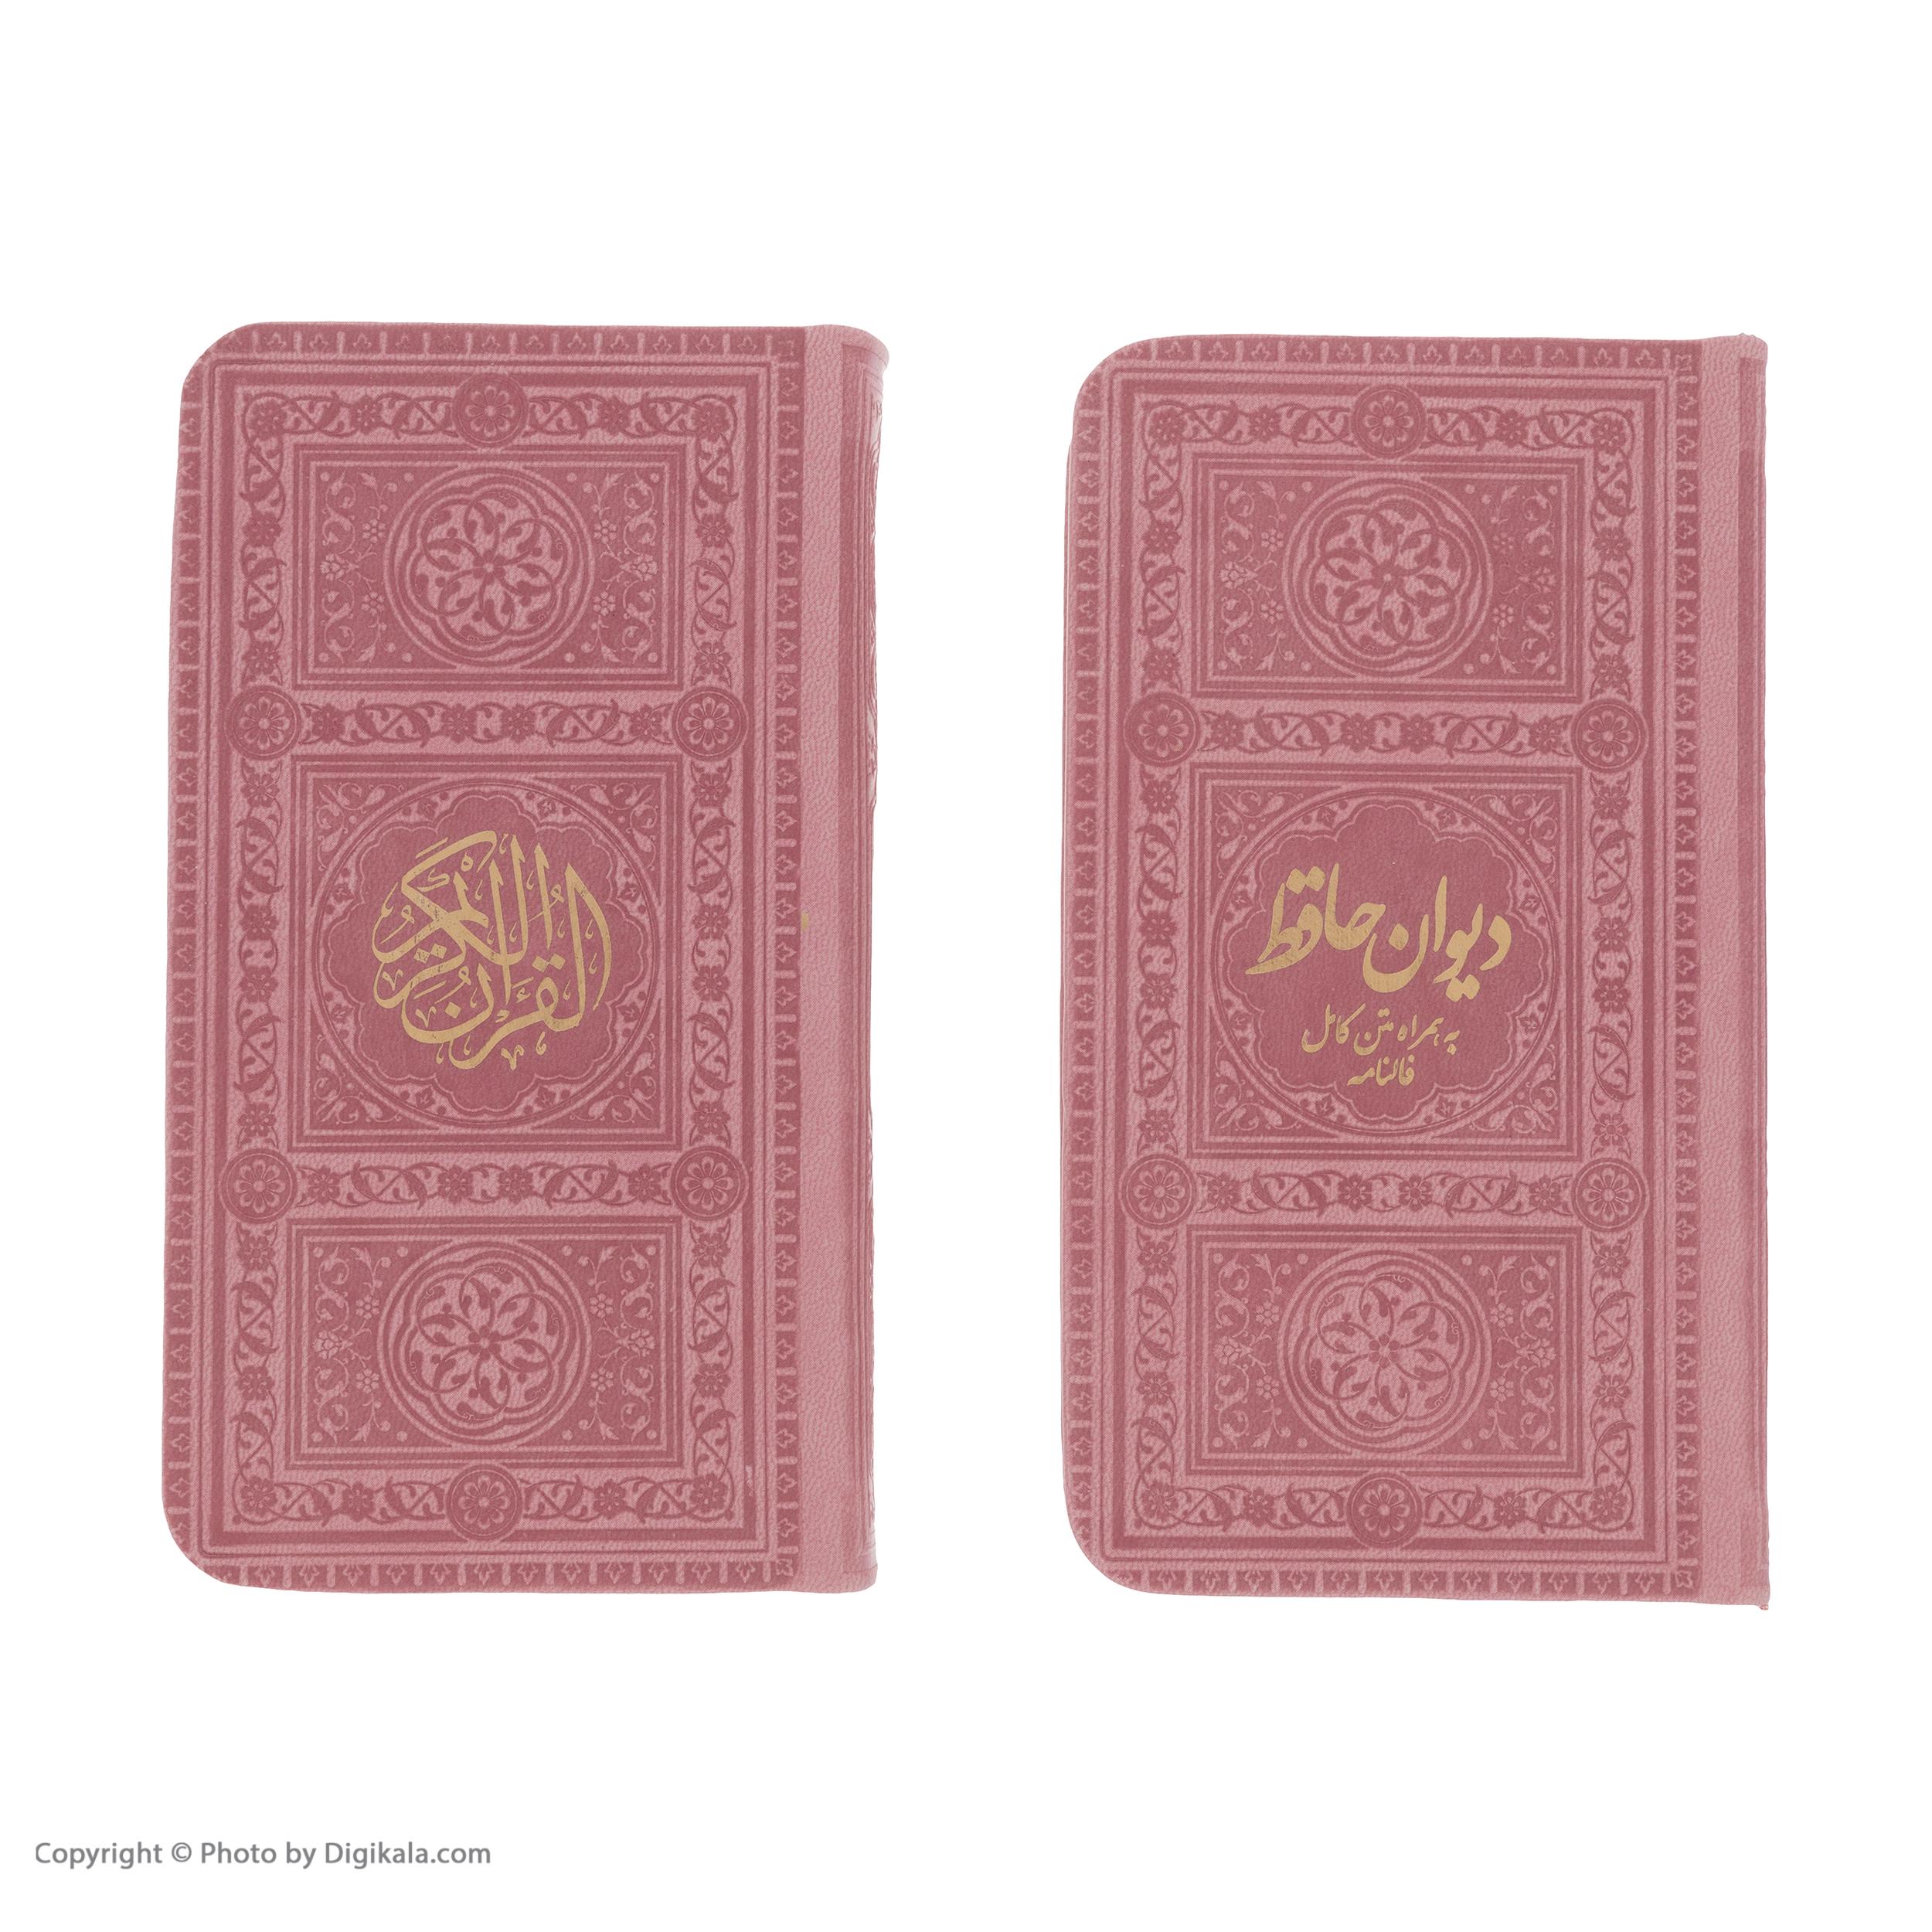 خرید                      کتاب قرآن کریم و دیوان حافظ انتشارات پیام عدالت مجموعه دو عددی